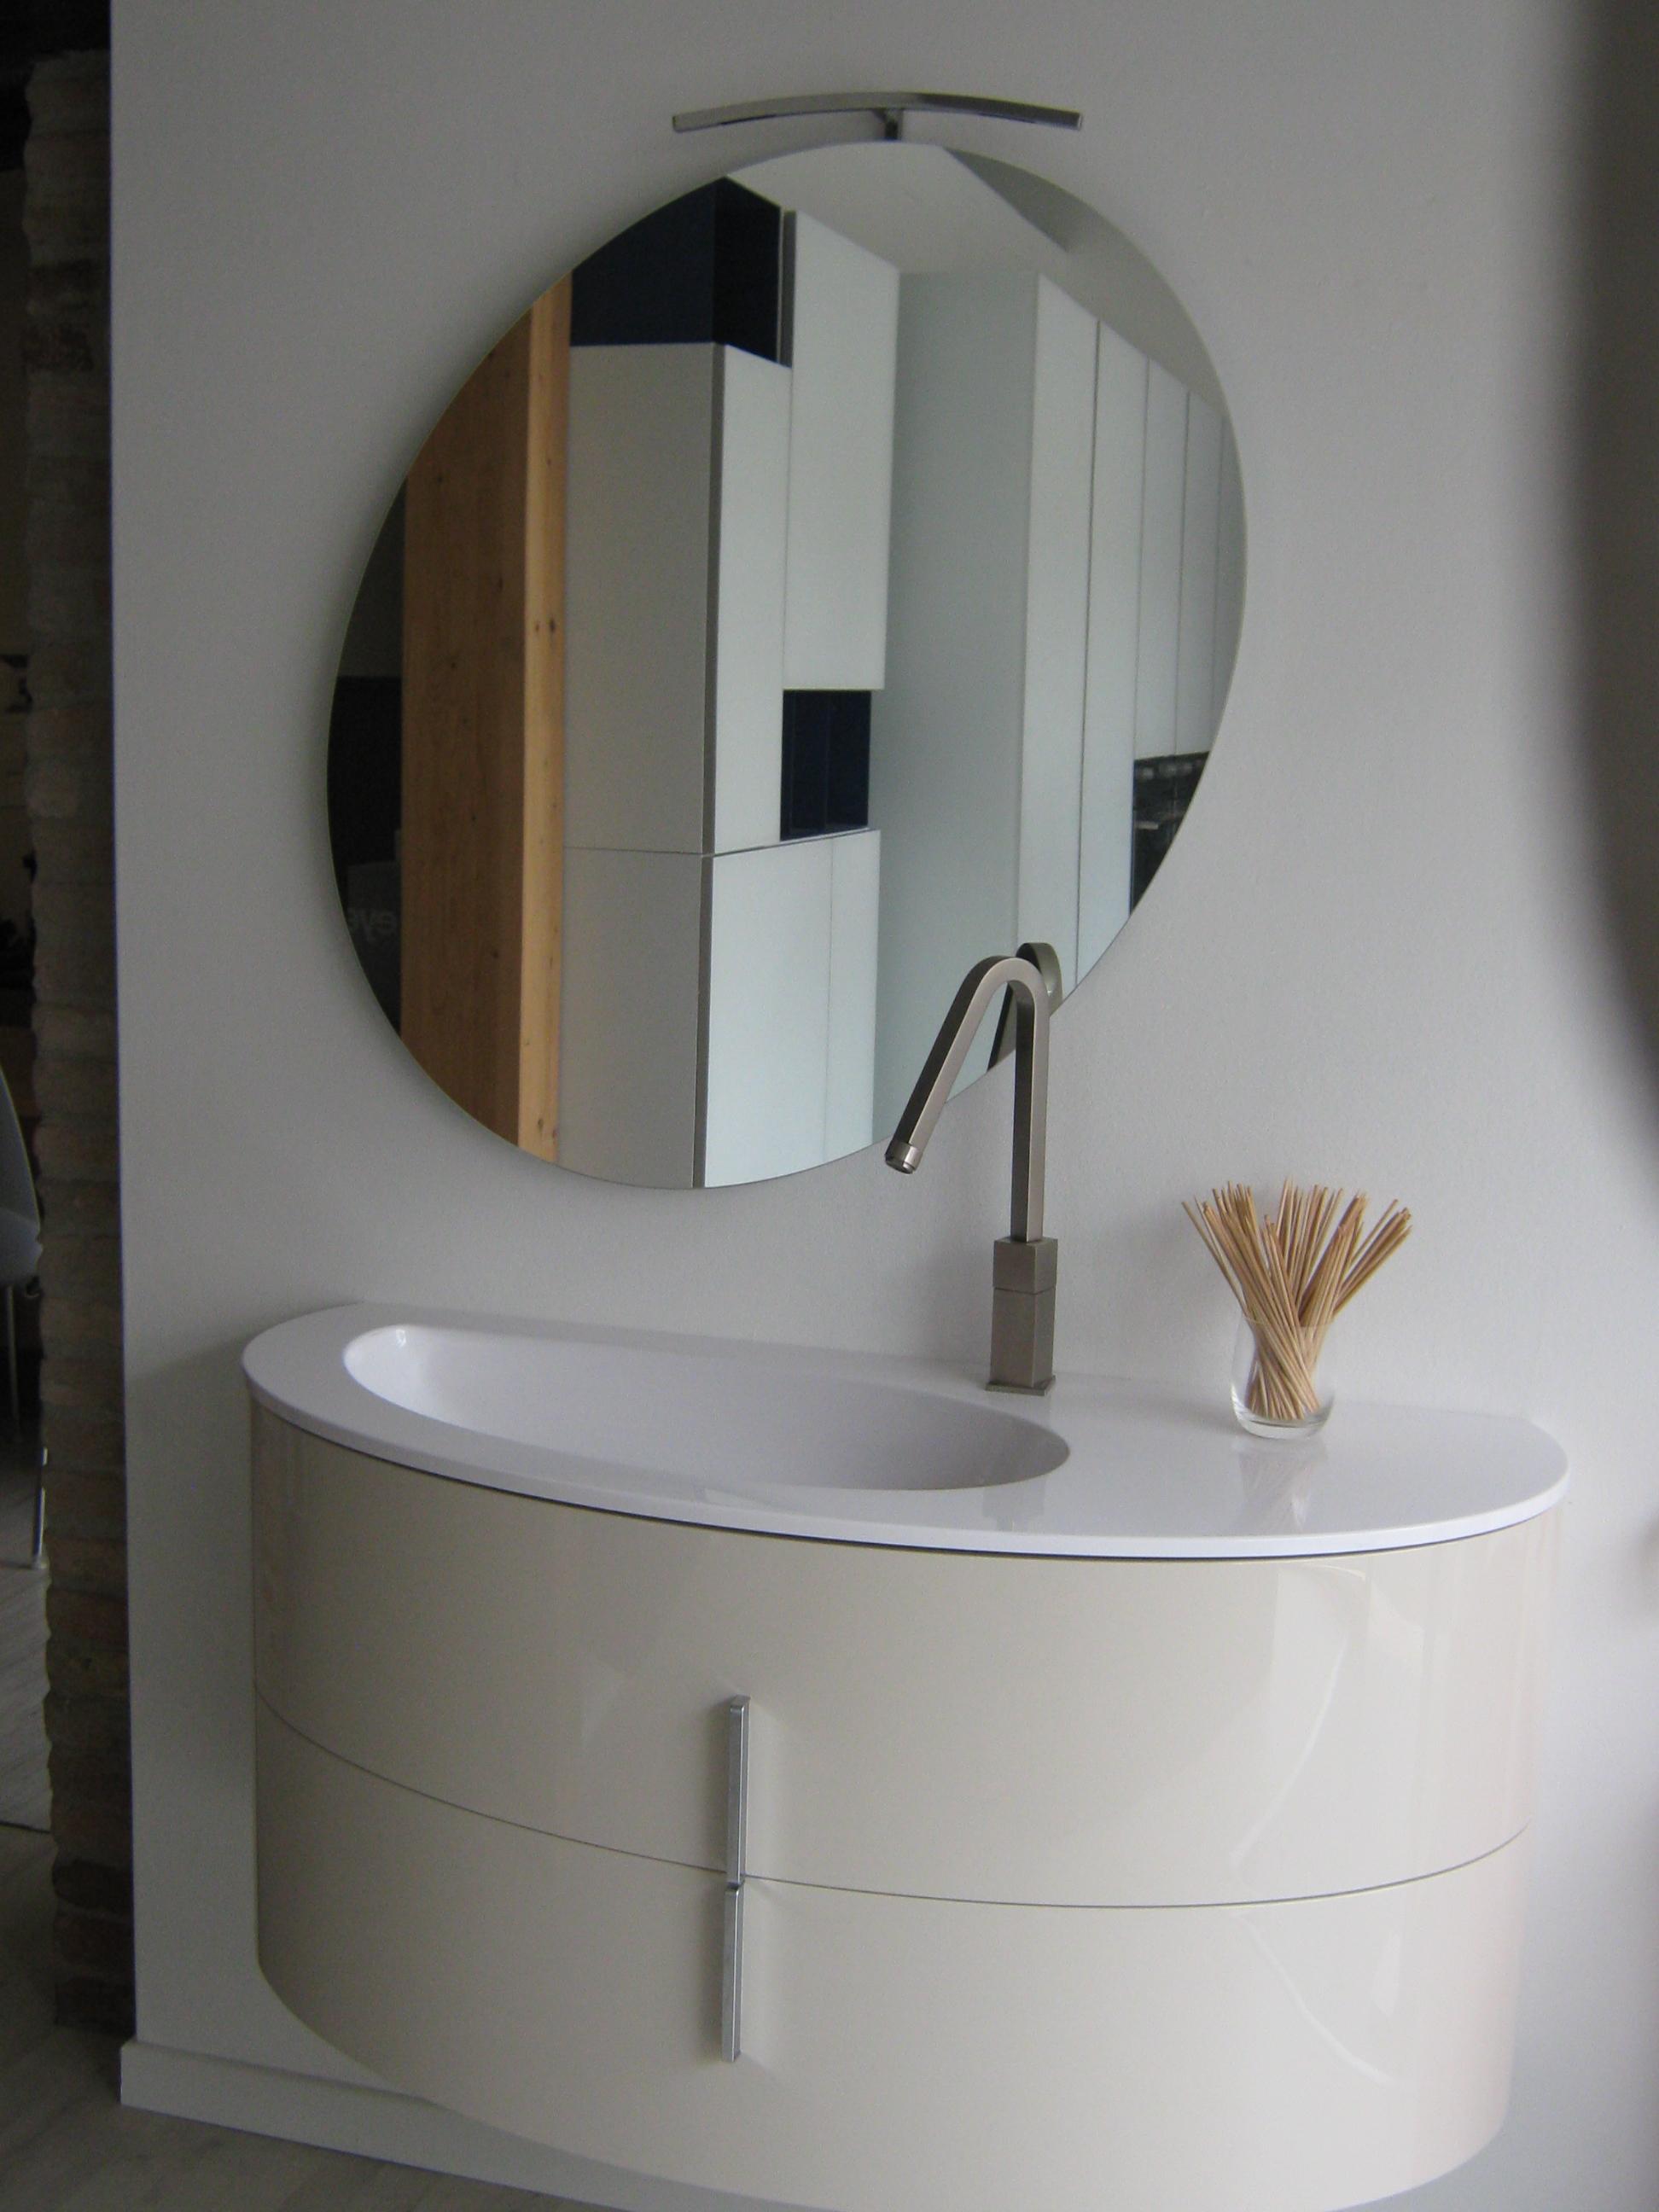 mobile bagno kios promozione 16744 - arredo bagno a prezzi scontati - Arredo Bagno Roma Outlet